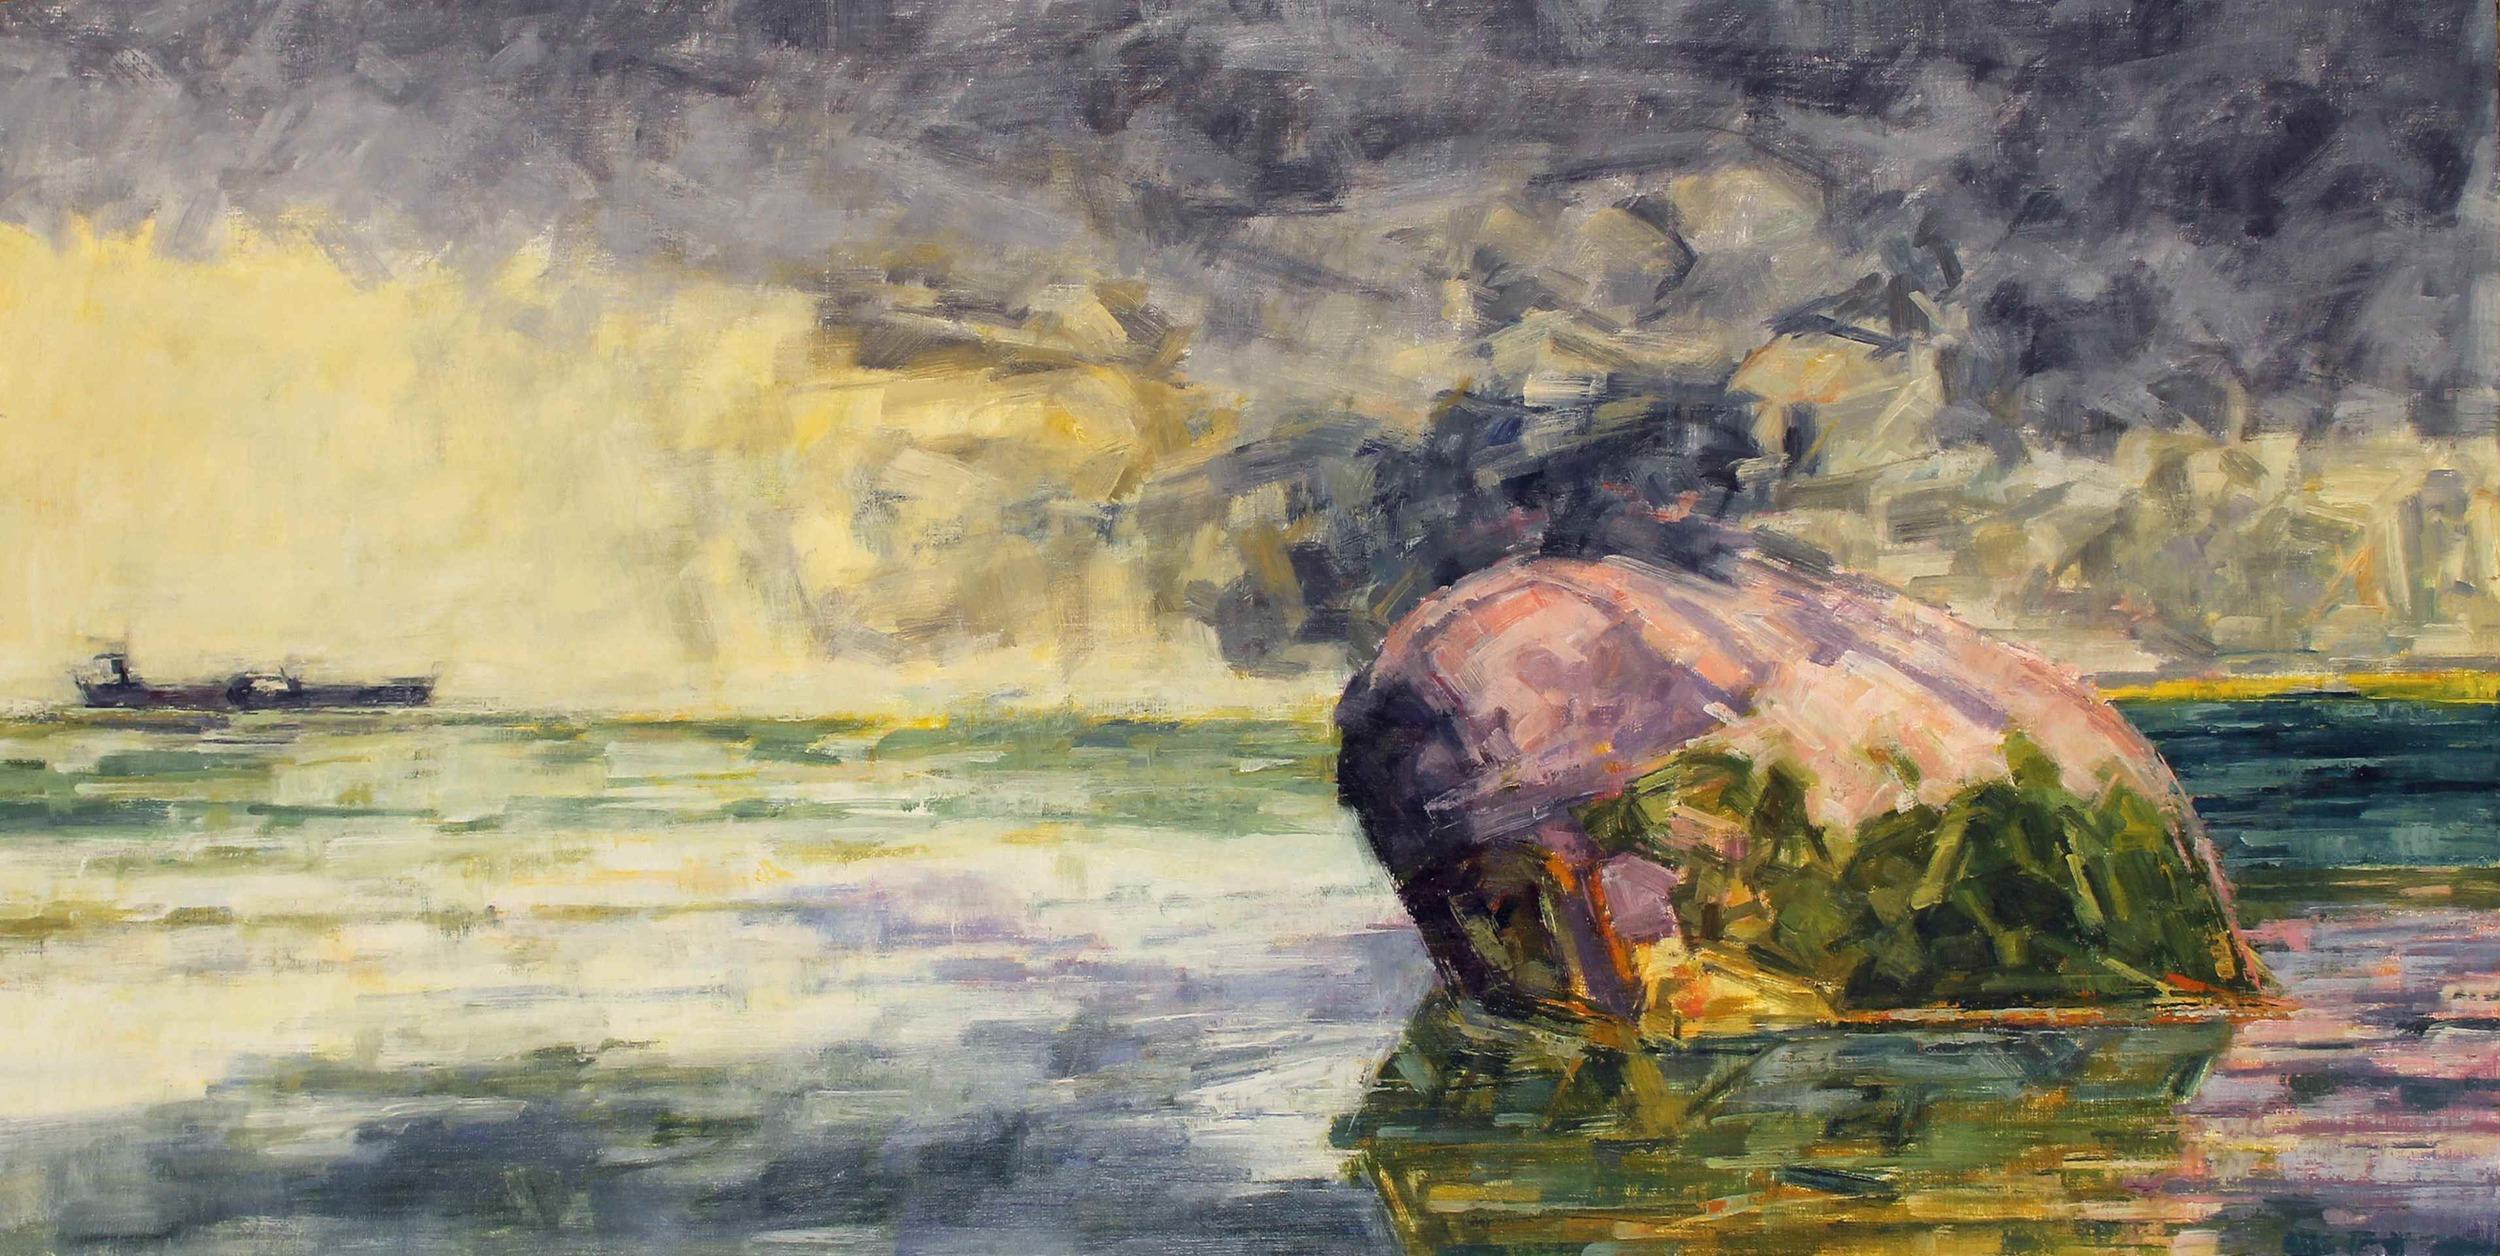 Rock - Cap-à-l'Aigle